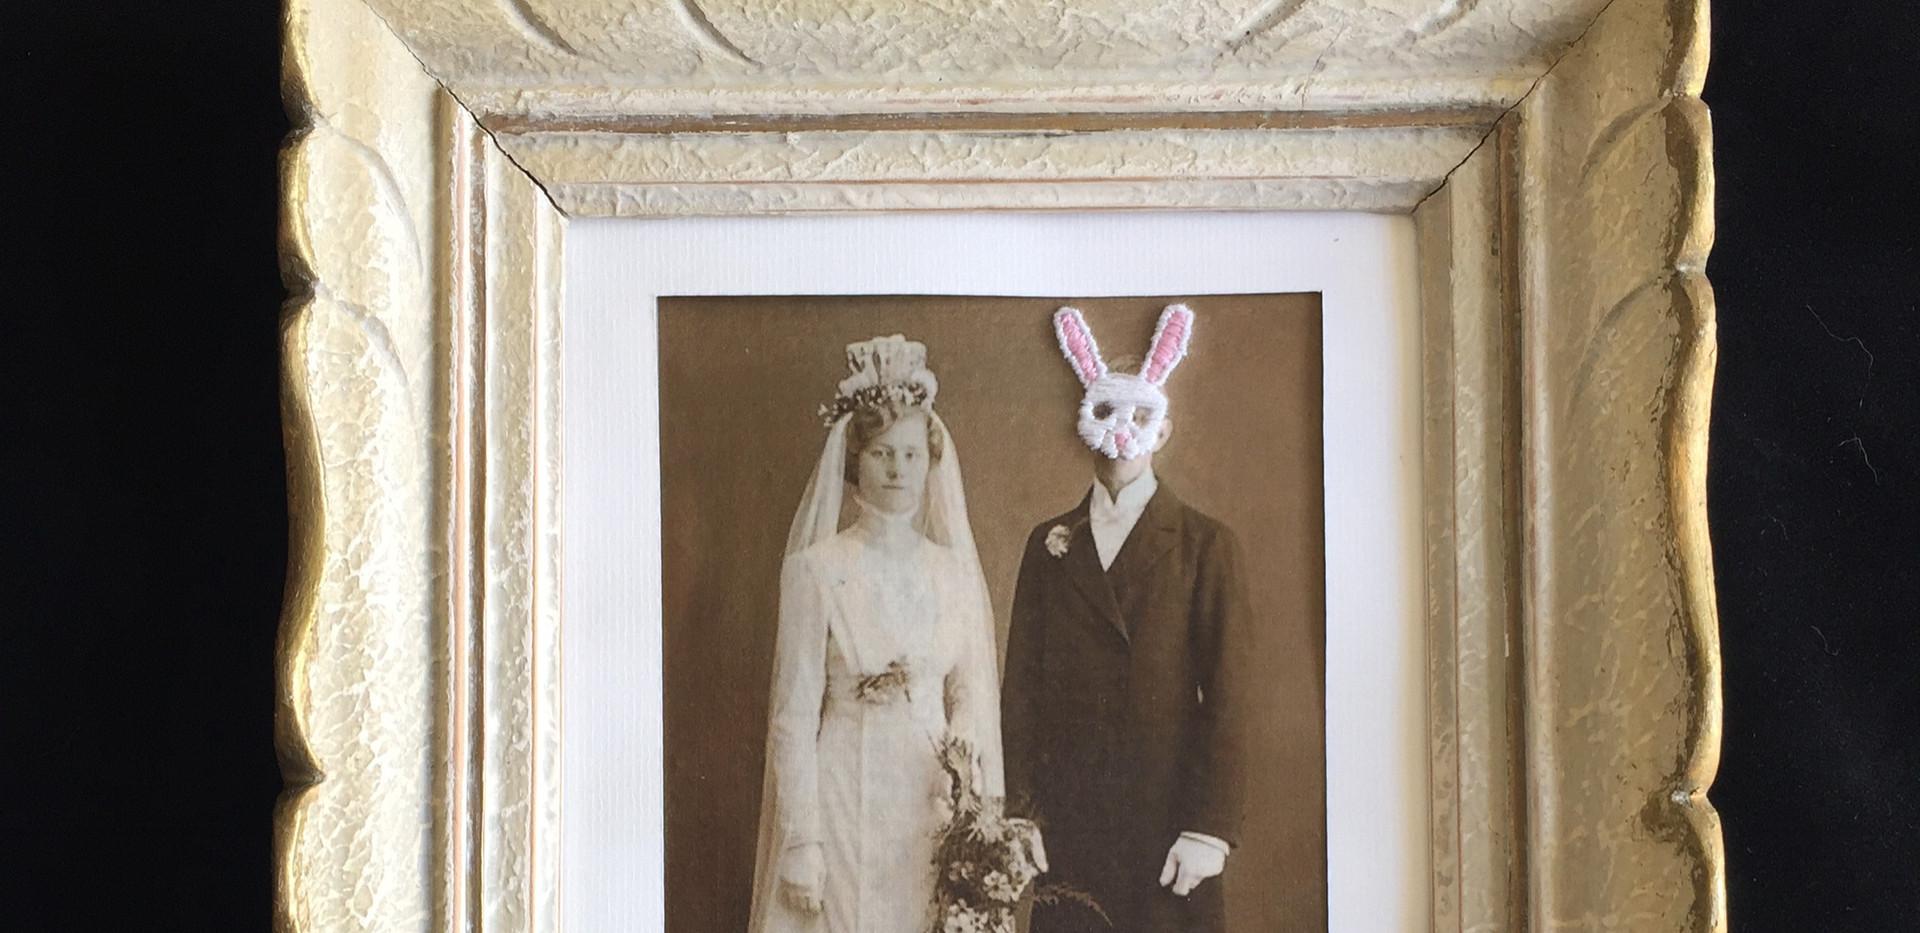 Le mariage d'alice